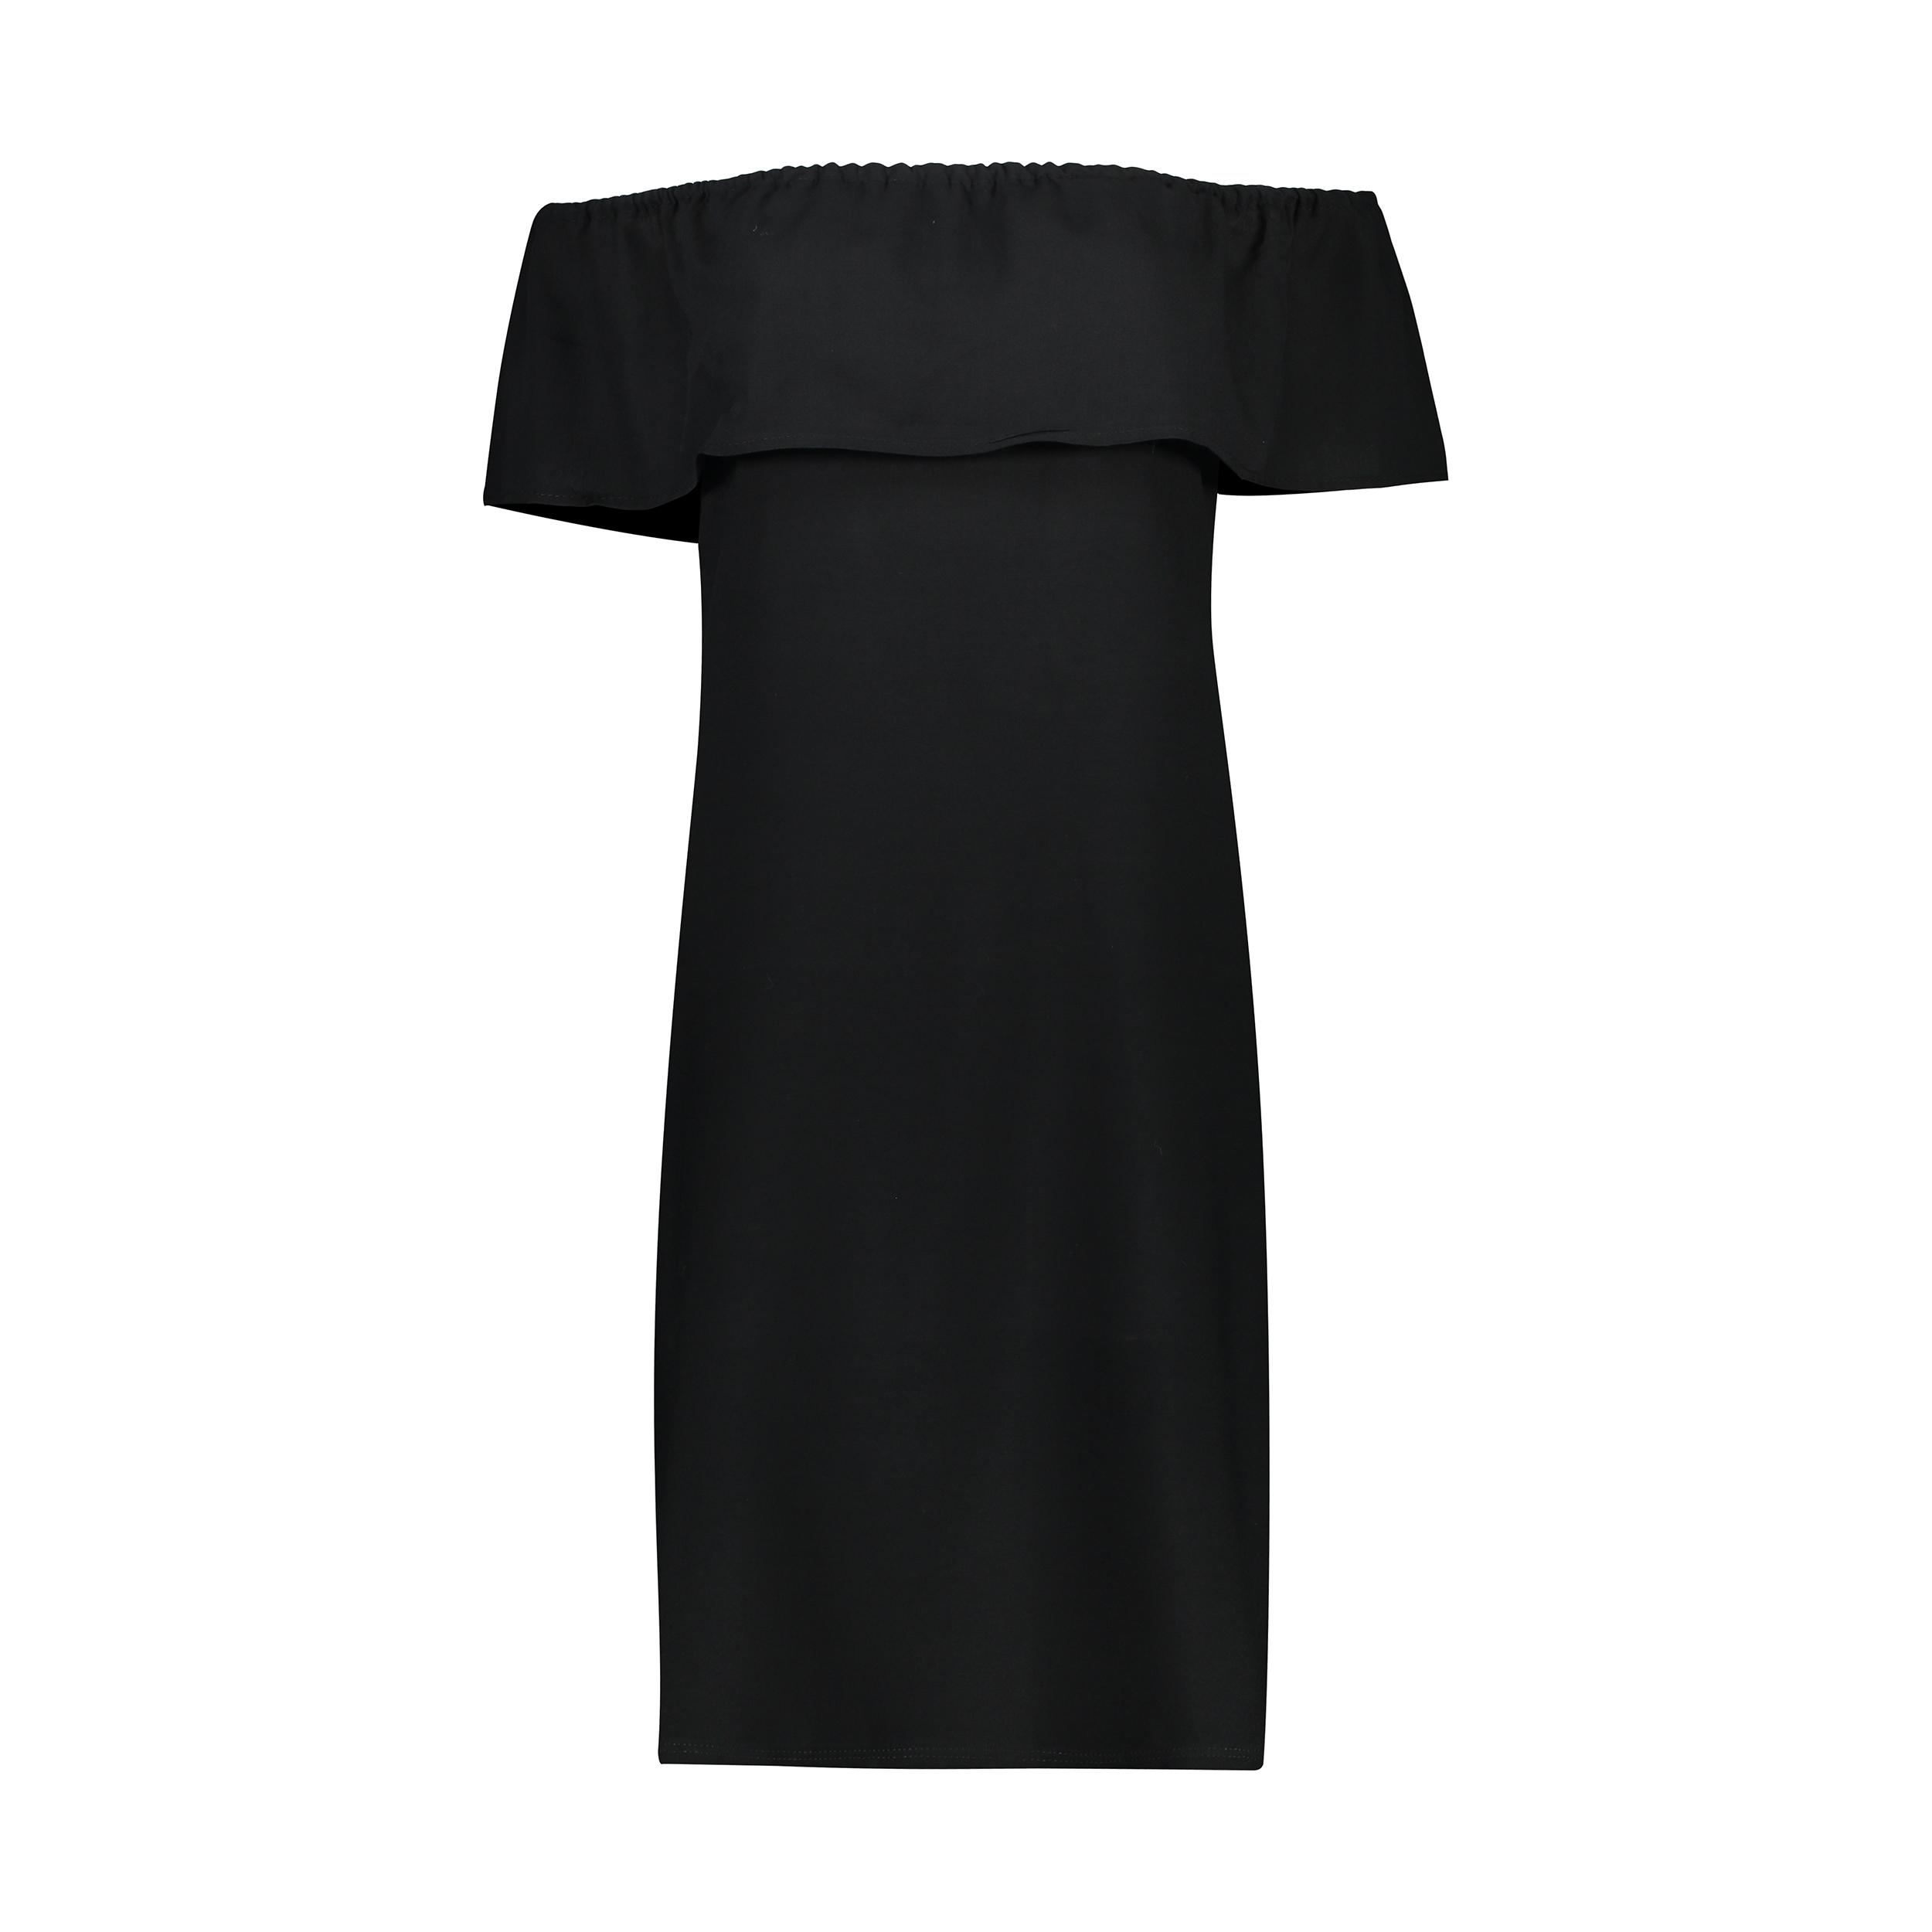 پیراهن زنانه کد 1040